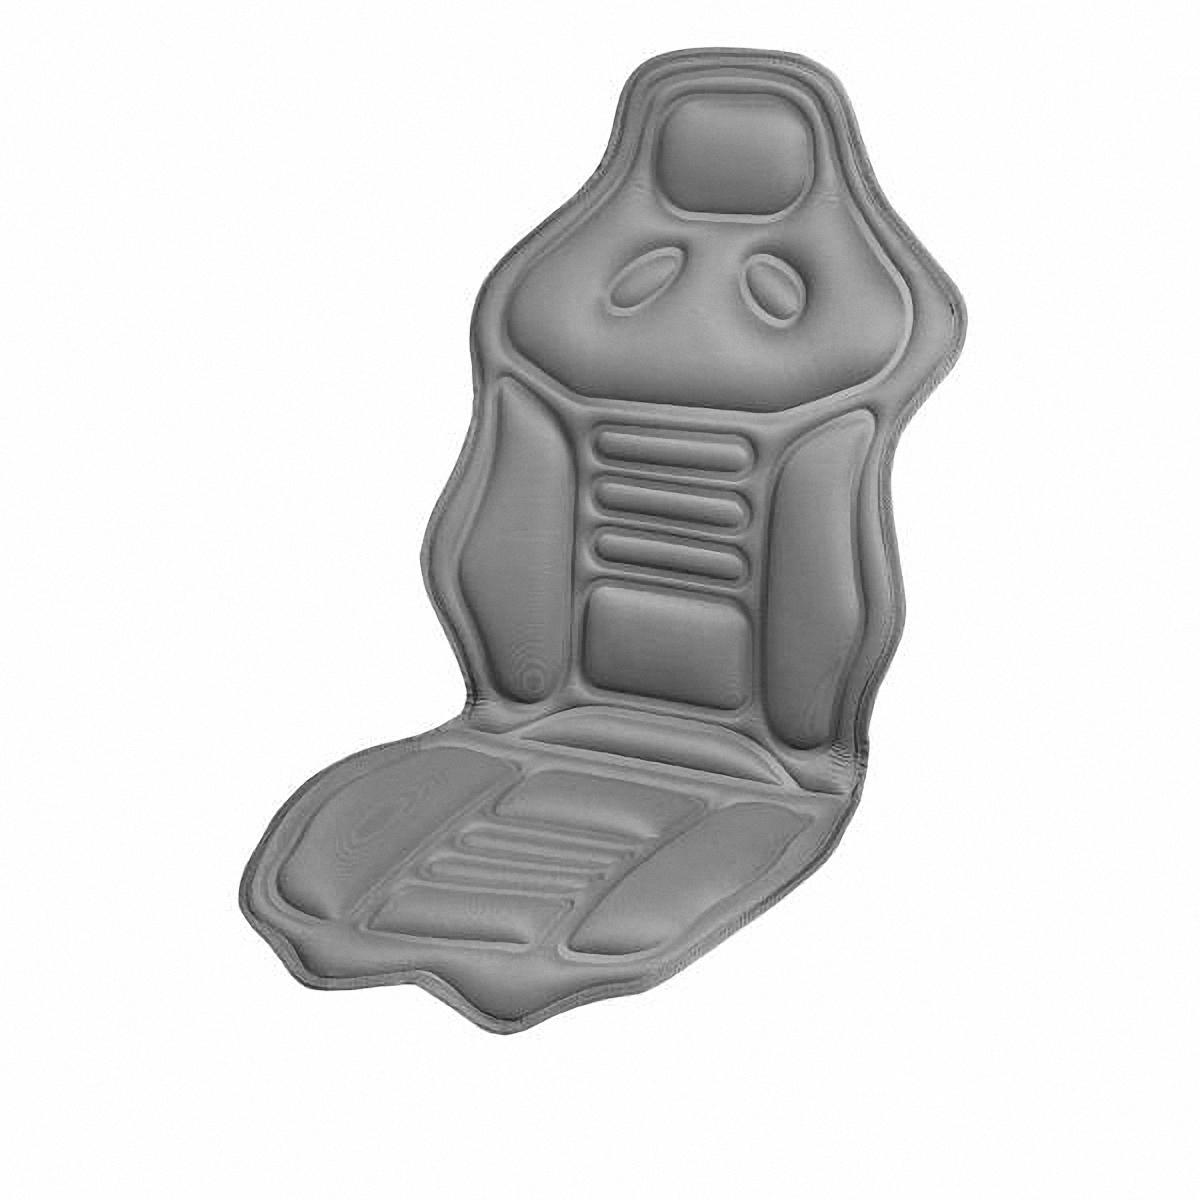 Накидка на сиденье Skyway, массажная, с подогревомВетерок 2ГФМассажная накидка на сиденье Skyway с функцией подогрева имеет 2 вида массажа, продолжительный или пульсирующий, 5 режимов интенсивности. Зоны массажа: нижняя и верхняя части спины и бедра. Есть пульт управления и удобный карман для его хранения в нижней части накидки с правой стороны. Функция обогрева предназначена для создания комфортной температуры 37-40 градусов и расположена в поясничной зоне. Оснащена предохранителем, который в случае нежелательного перепада напряжения защитит изделие и бортовую сеть автомобиля. Накидка подходит для всех размеров сидений.Напряжение: 12В. Количество режимов массажа: 5. Количество скоростей: 3. Температура подогрева: 37-40°C.